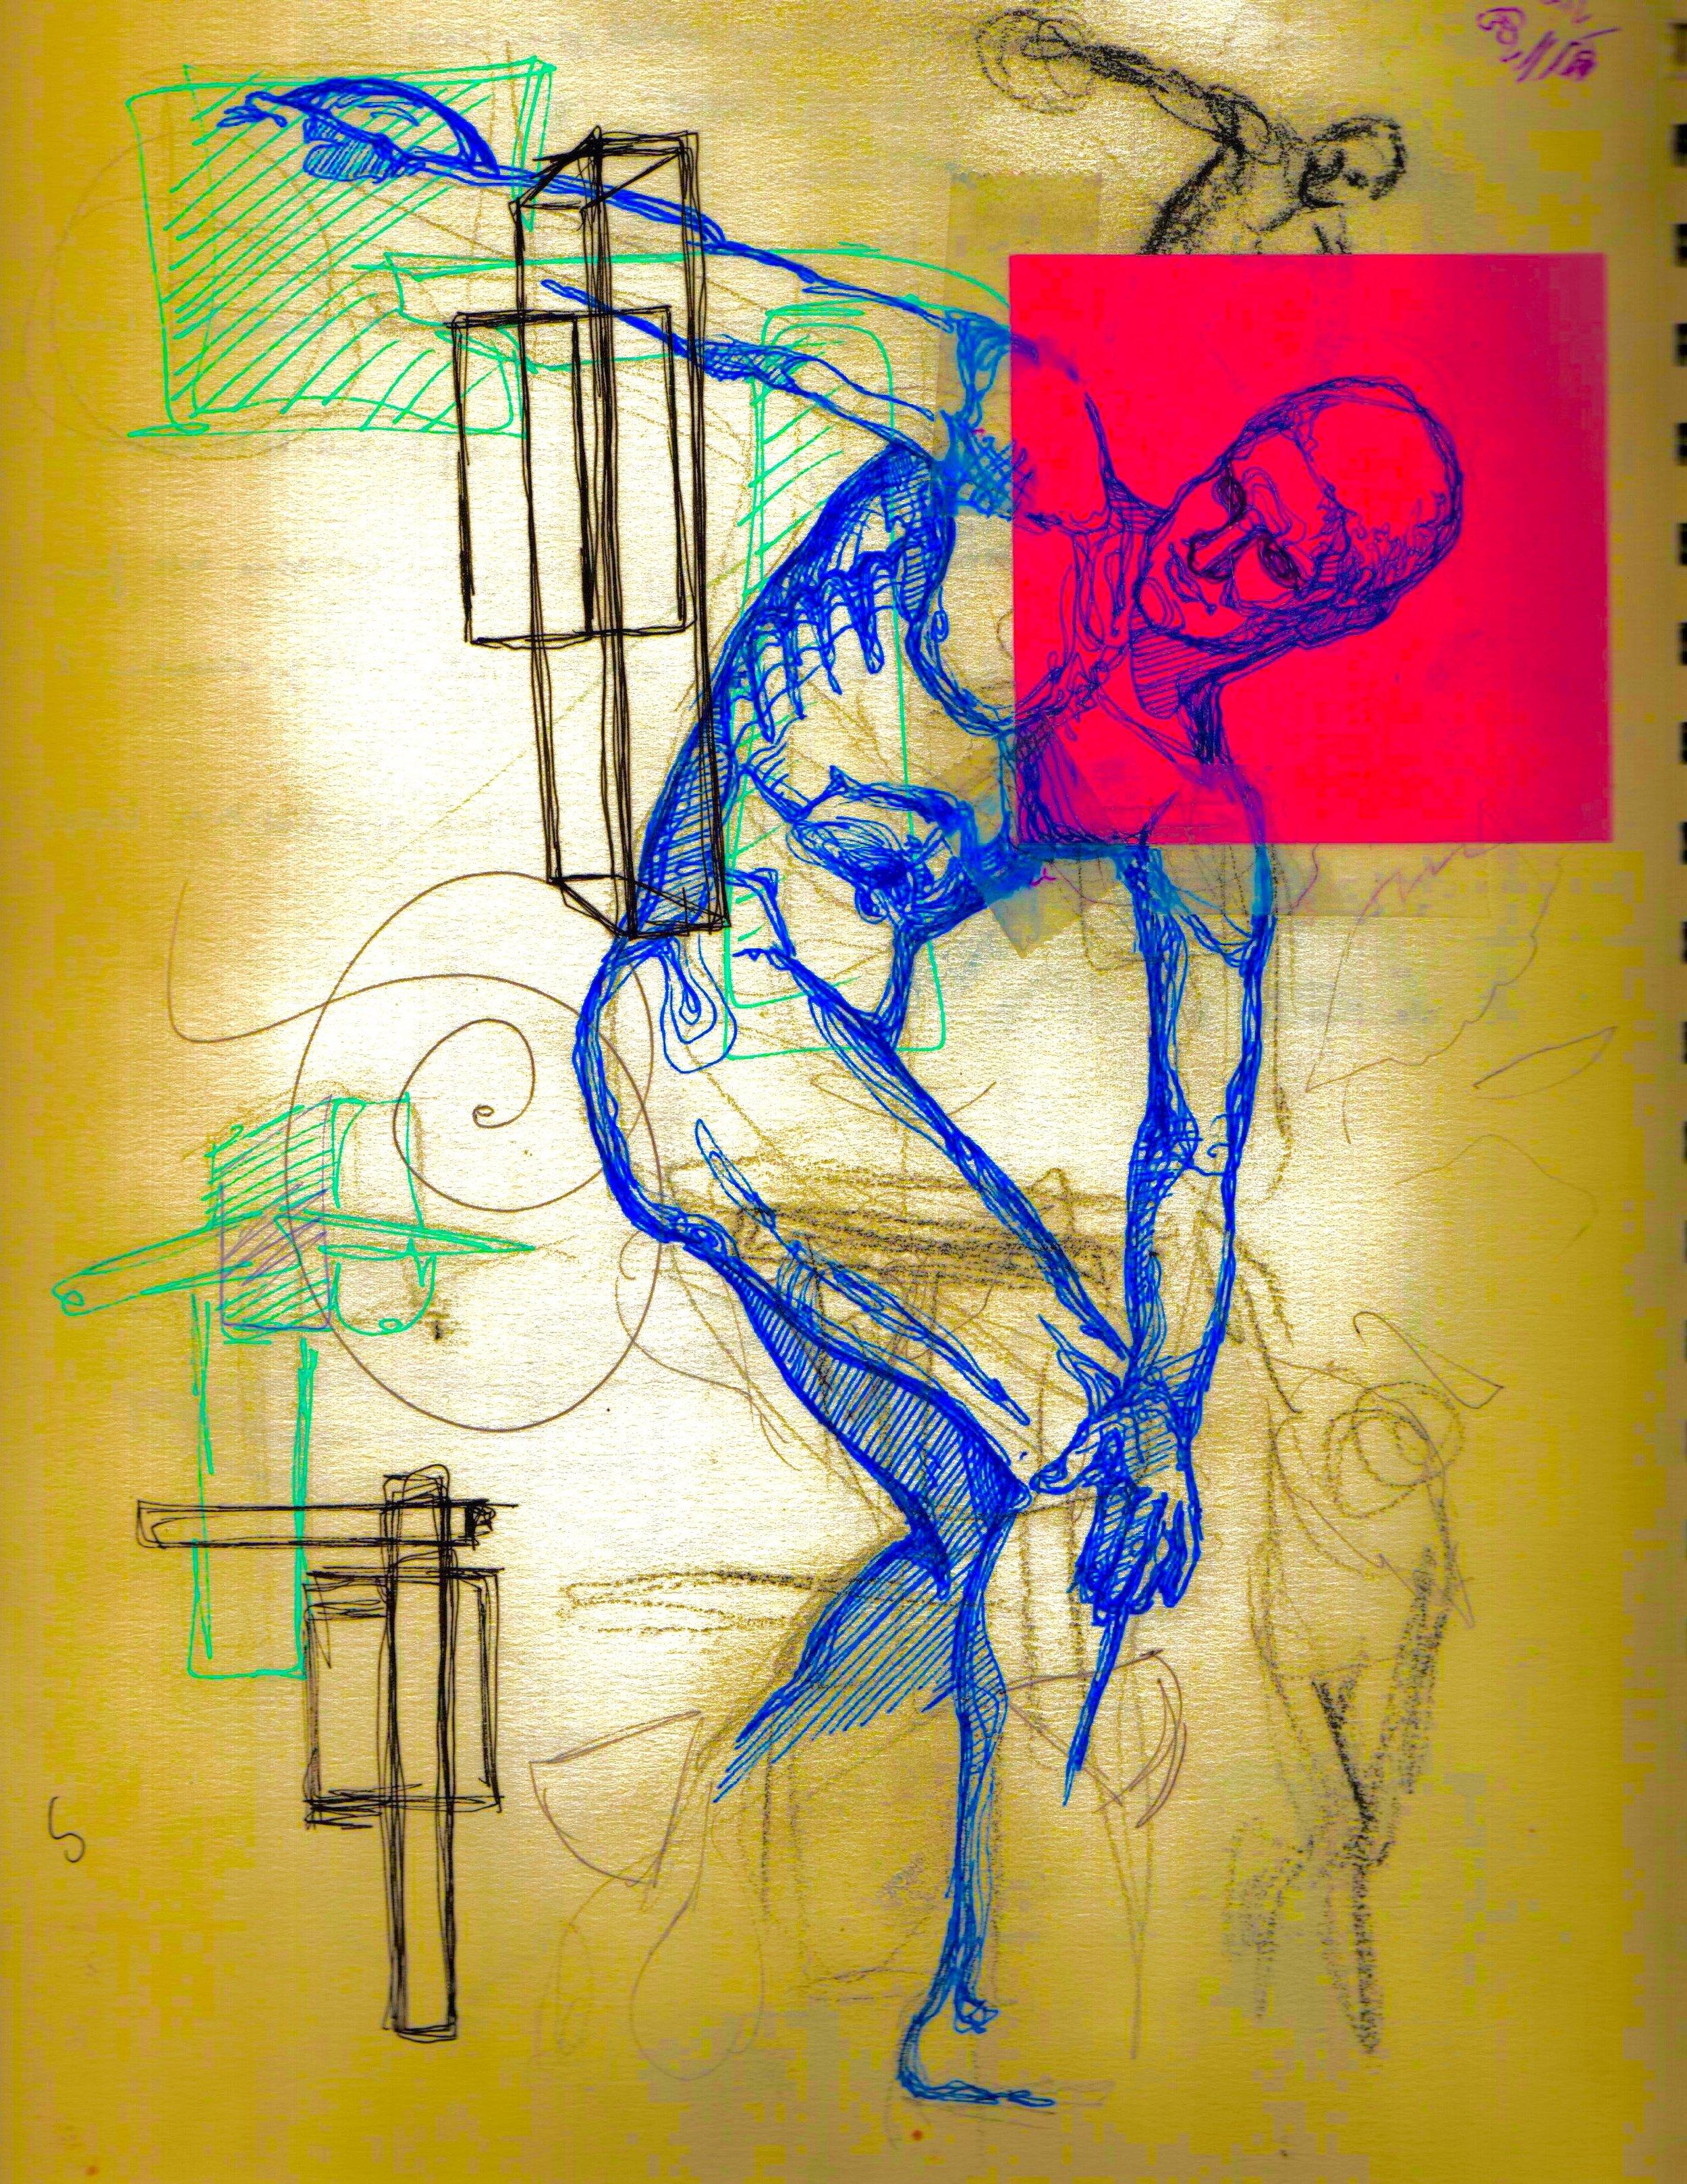 Hellenistic 2011, pencil, bic pen, green pen, blue ink, post-it & digital edit